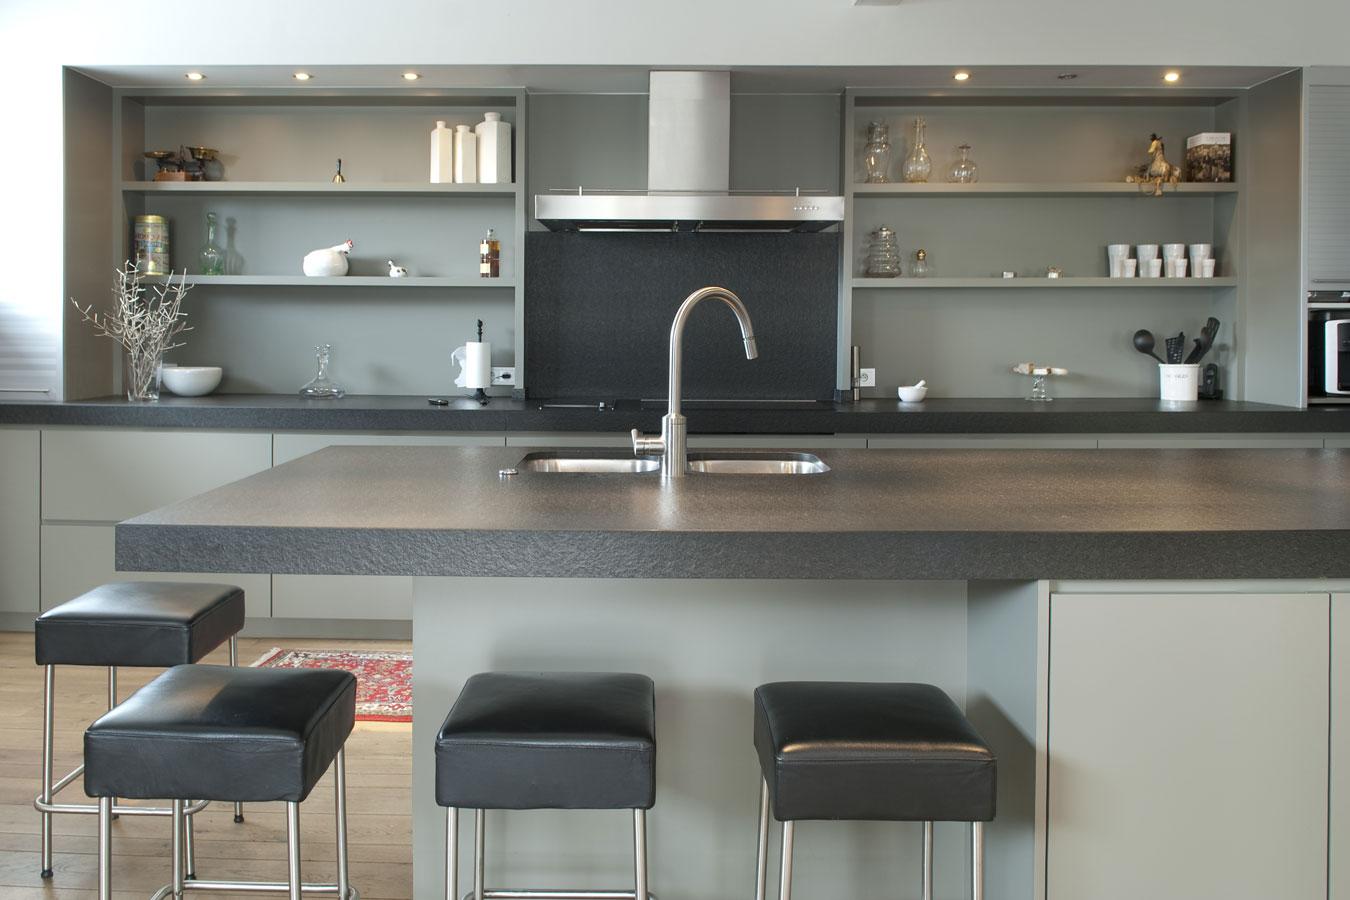 Keuken Met Beton : Een keukenblad in beton voor nadelen